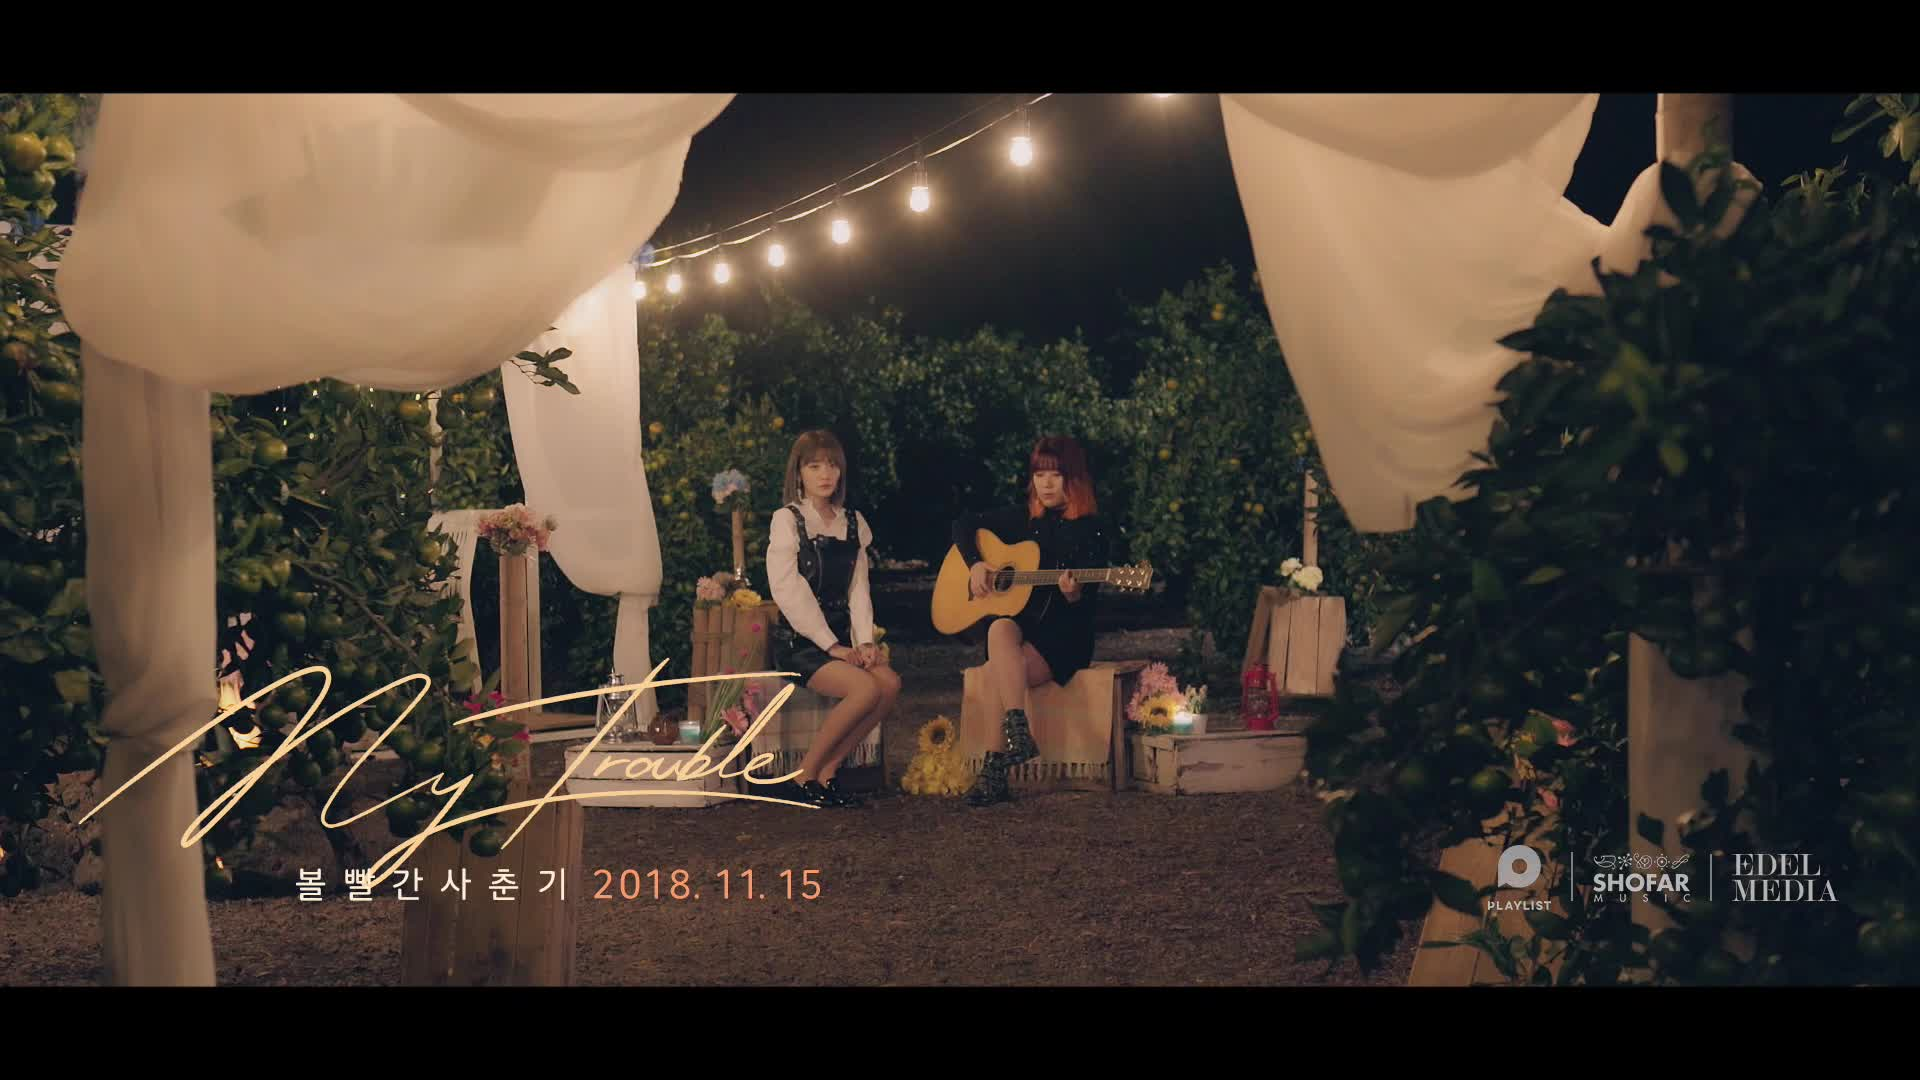 볼빨간사춘기 신곡이 왜 여기서 나와? [WHY OST part.1] 볼빨간사춘기 - My trouble (티저)